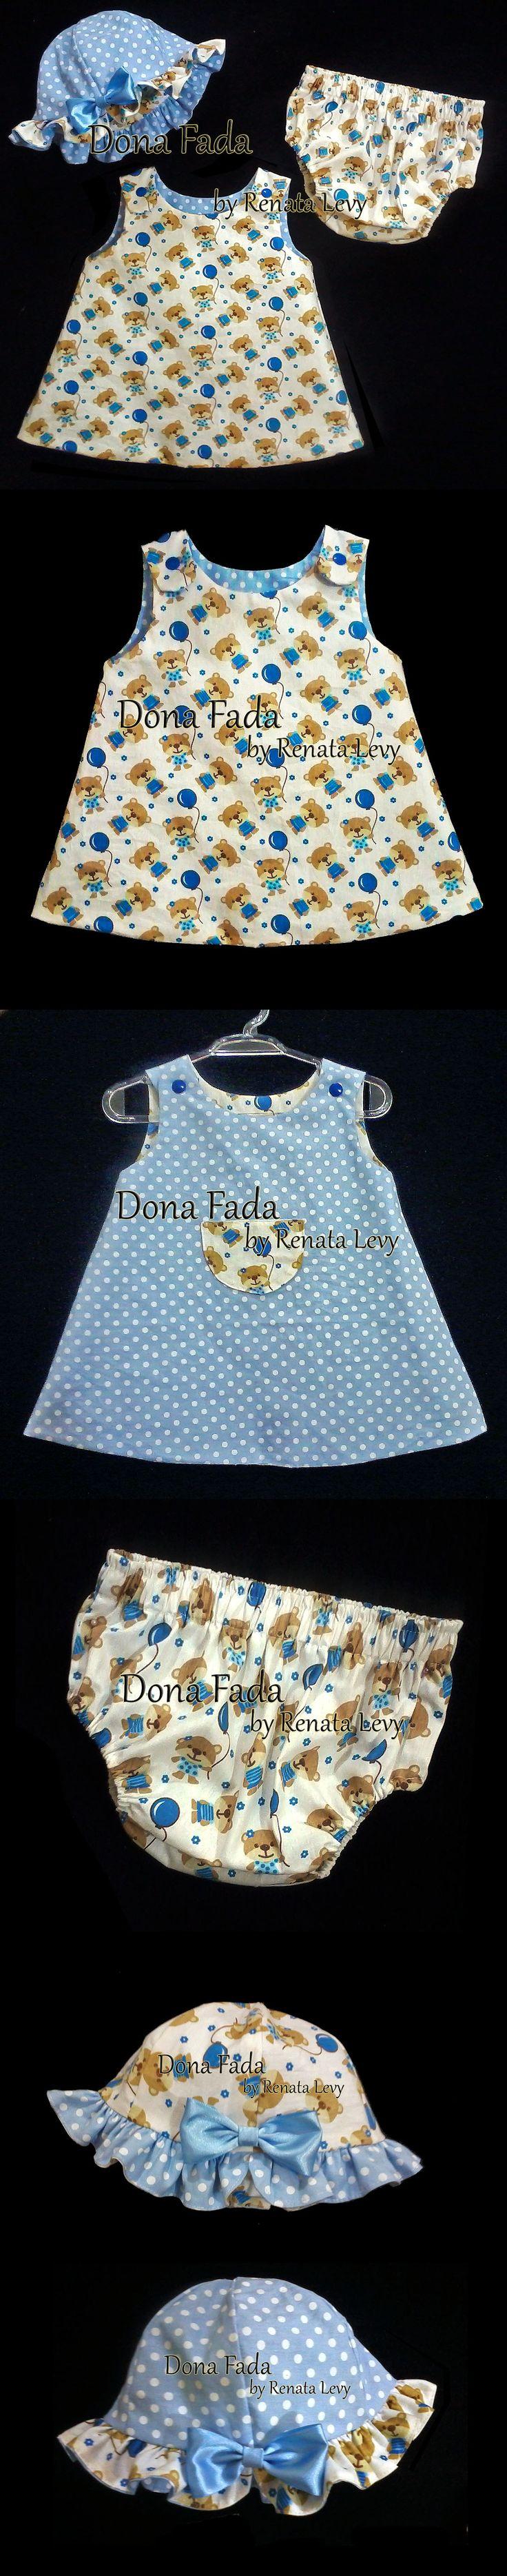 Vestido, Chapéu e tapa fraldas - 1 ano - - - - - baby - infant - toddler - kids - clothes for girls - - - https://www.facebook.com/dona.fada.moda.para.fadinhas/